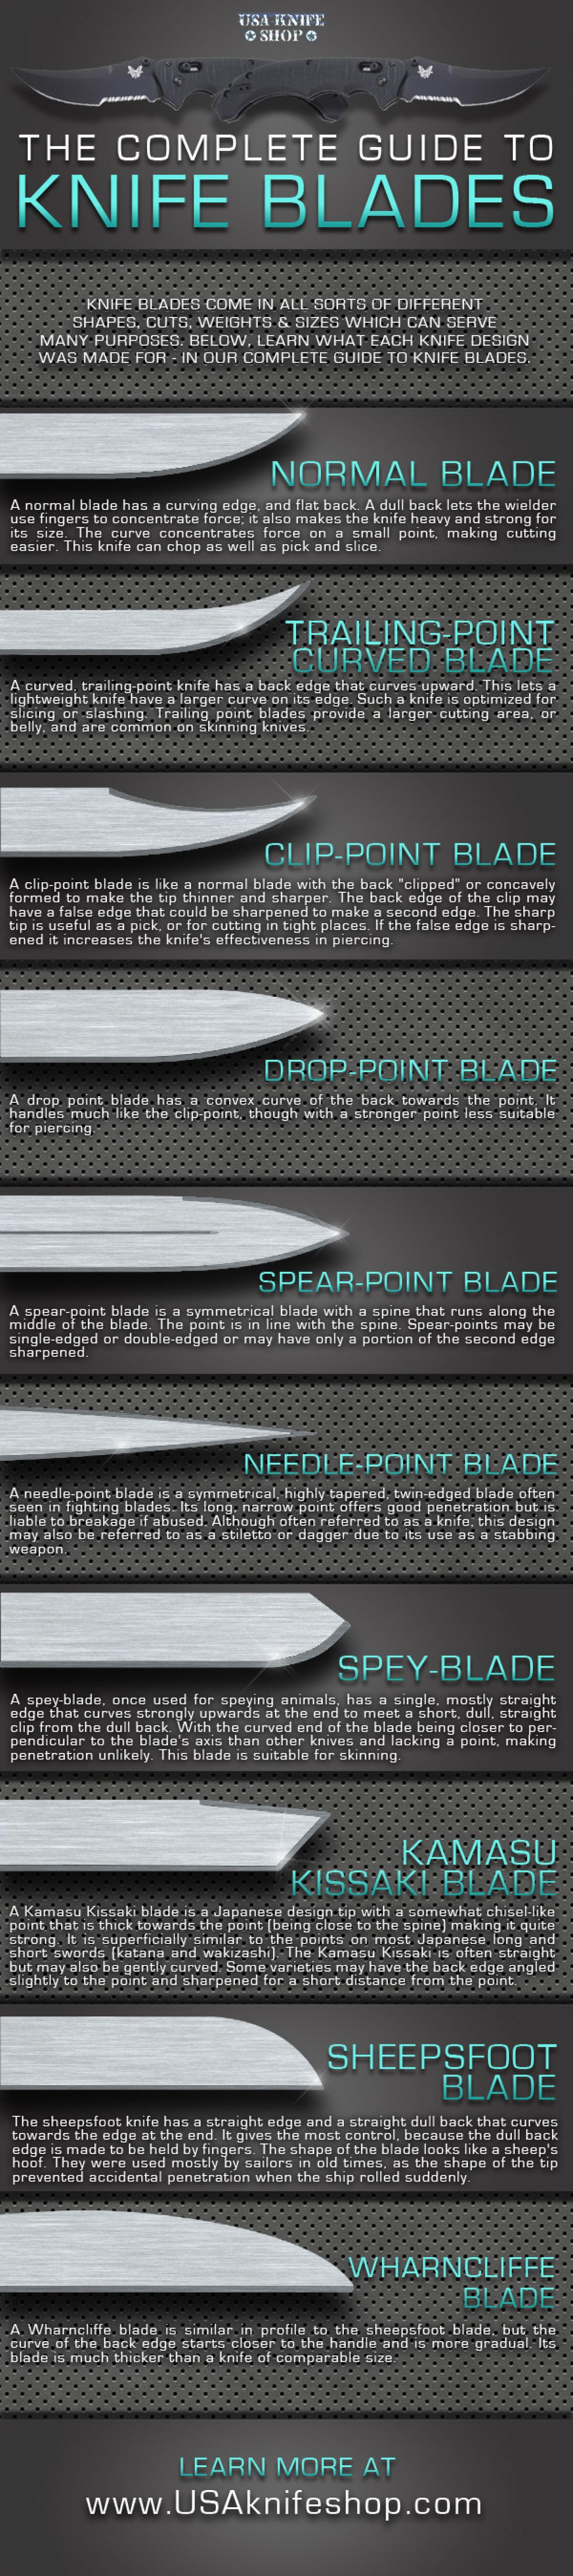 knife blade